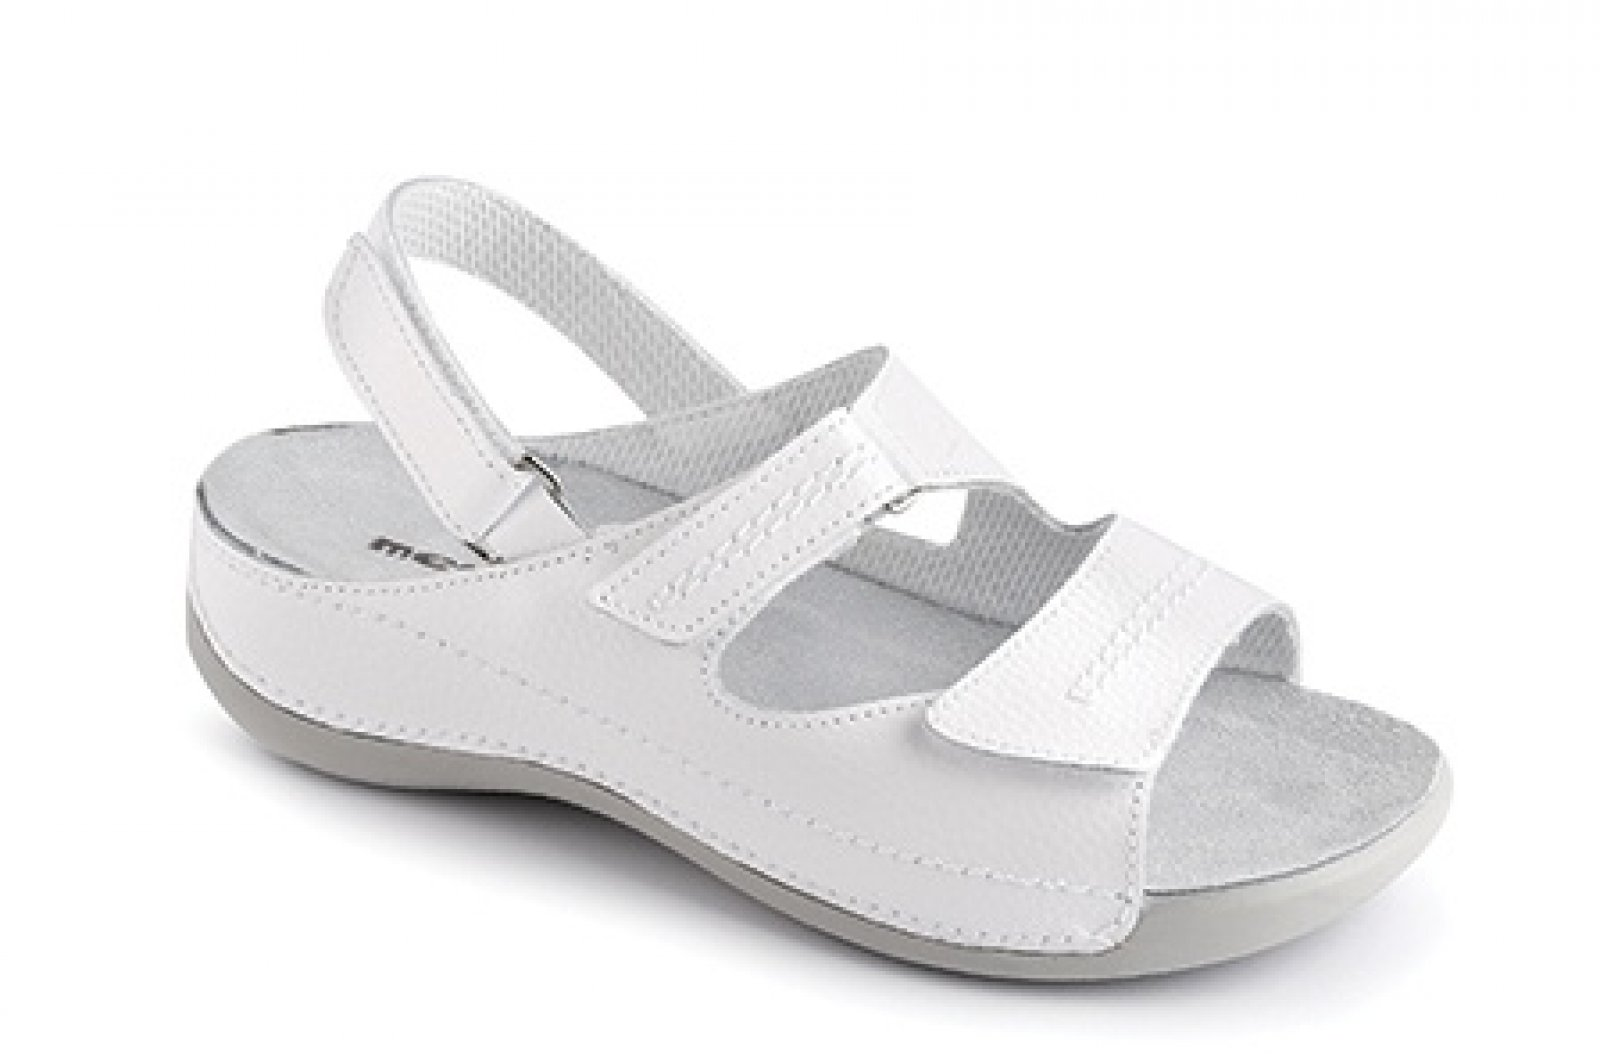 dámské sandály Medistyle Šárka bílé - KARS b6f6ba5fbb